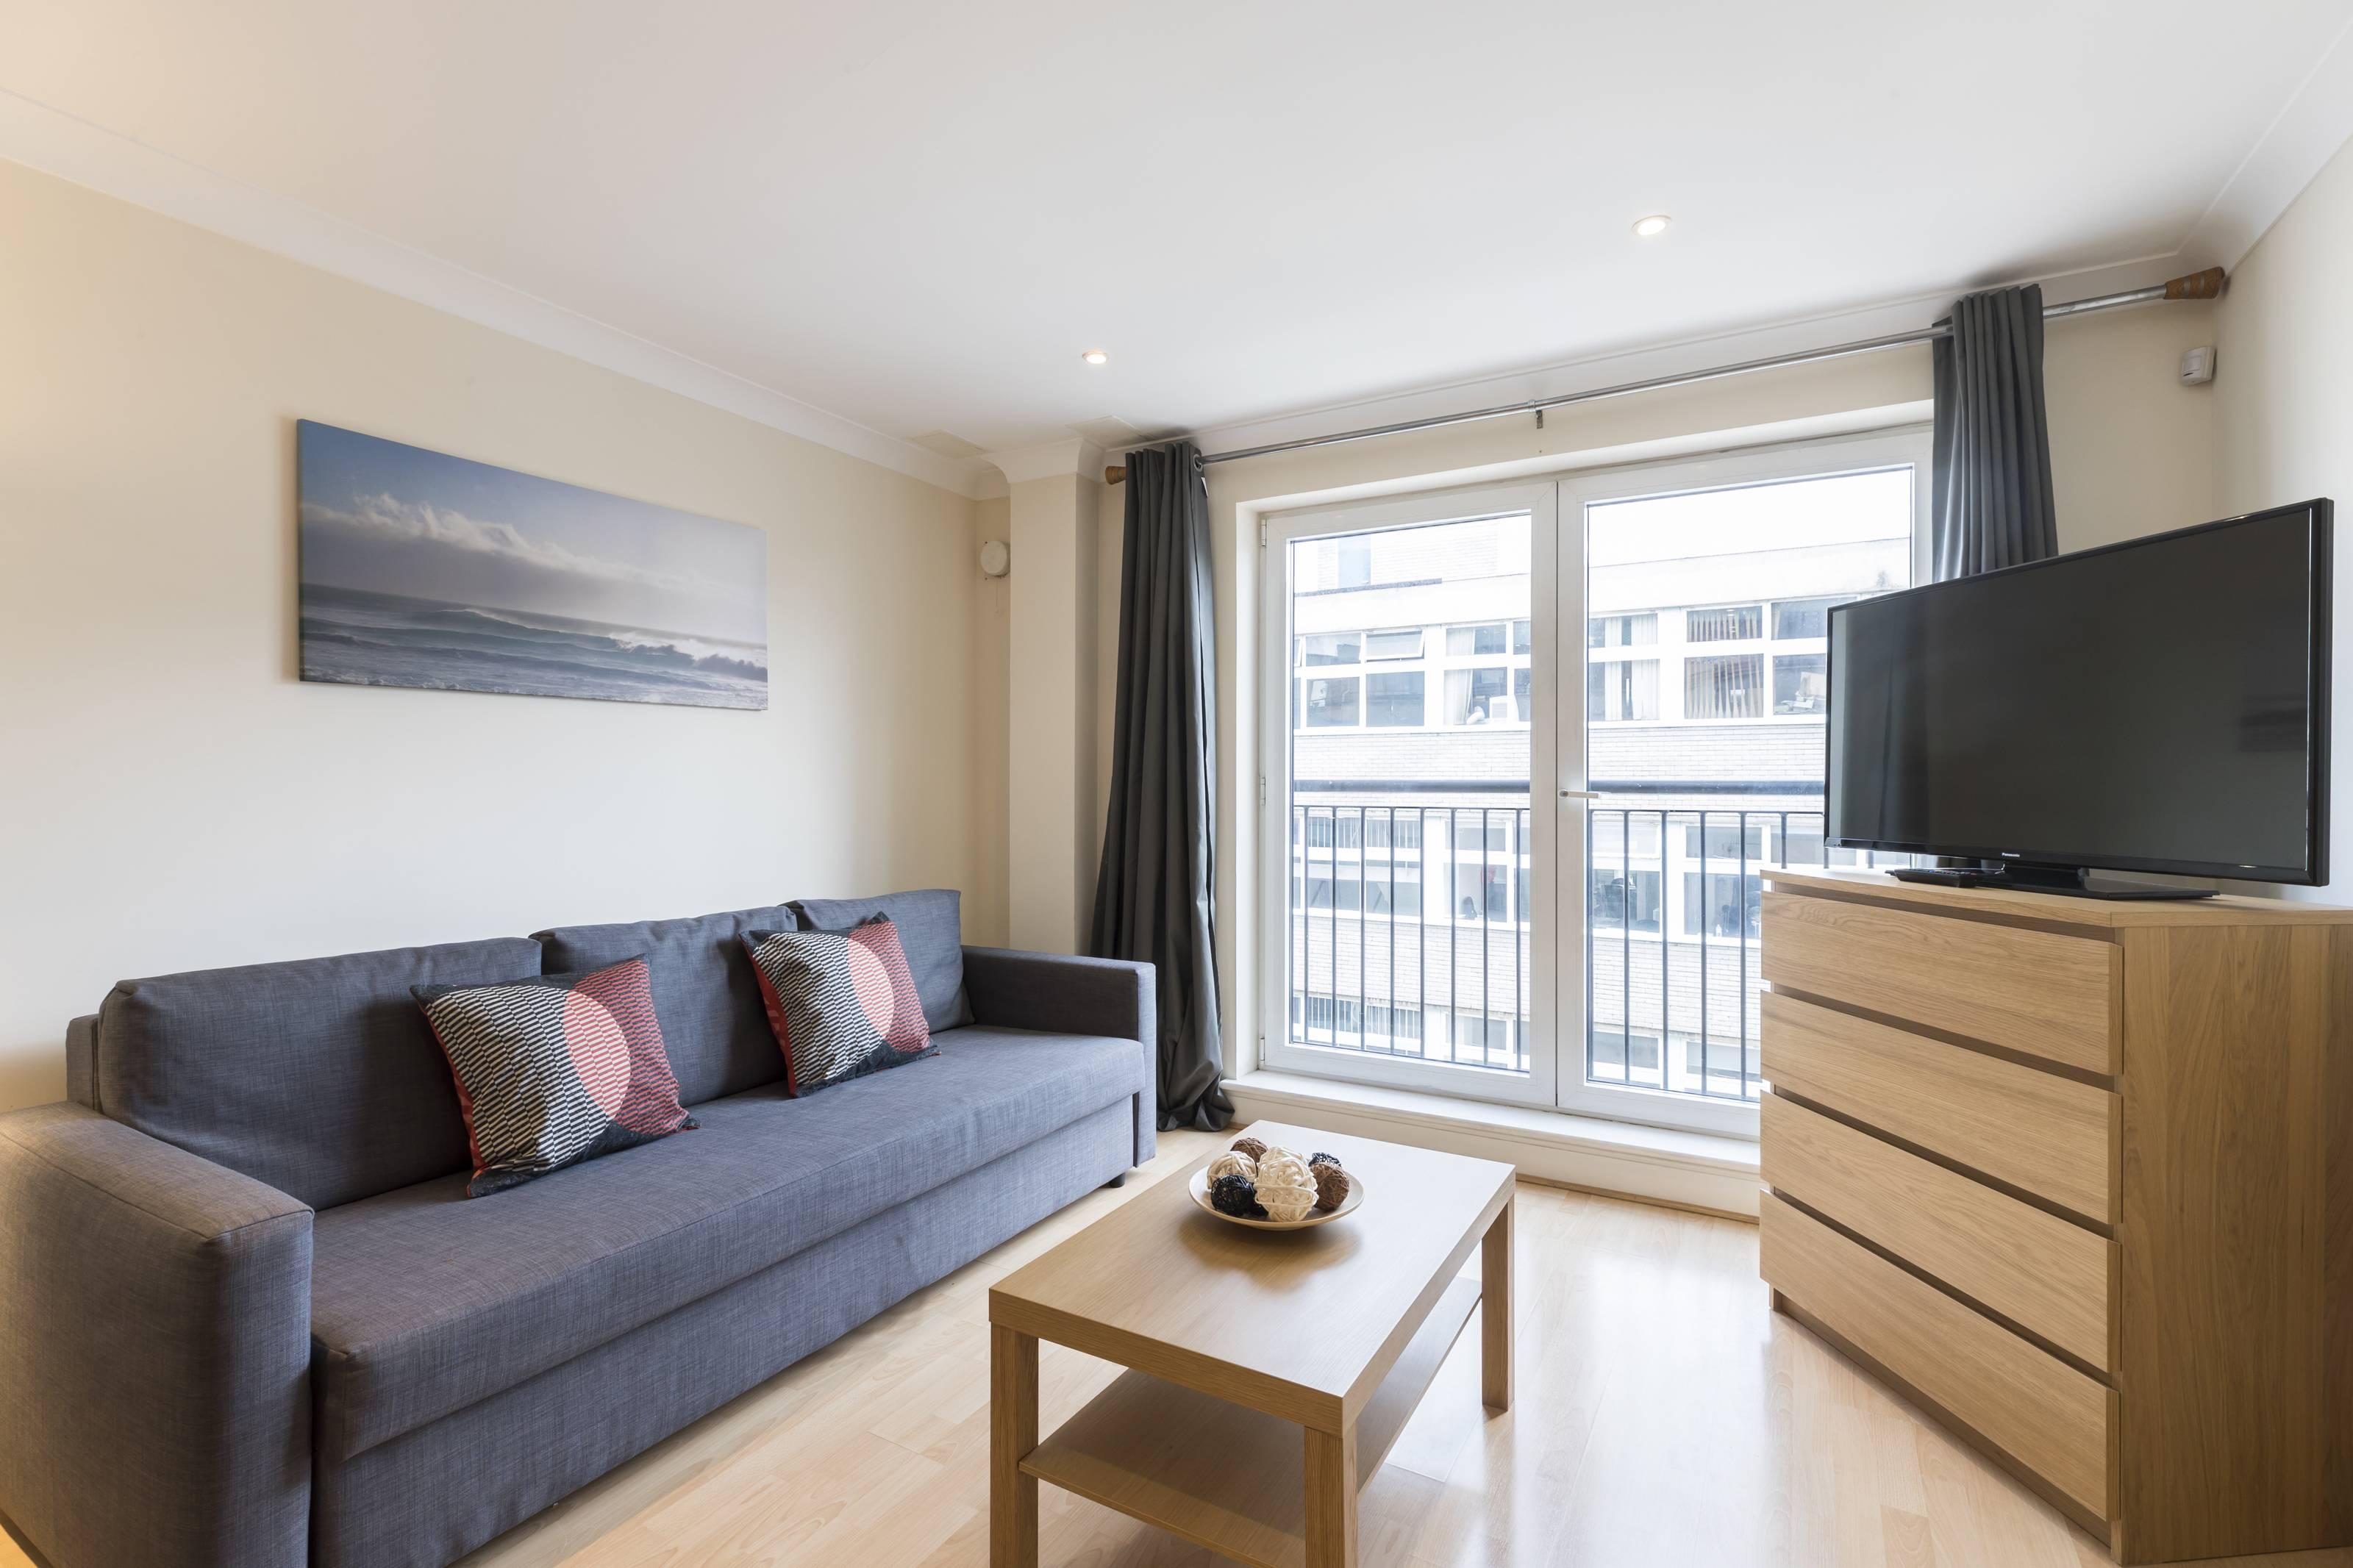 Как арендовать дом в великобритании: практический опыт нашего знакомого из англии | правильная аренда